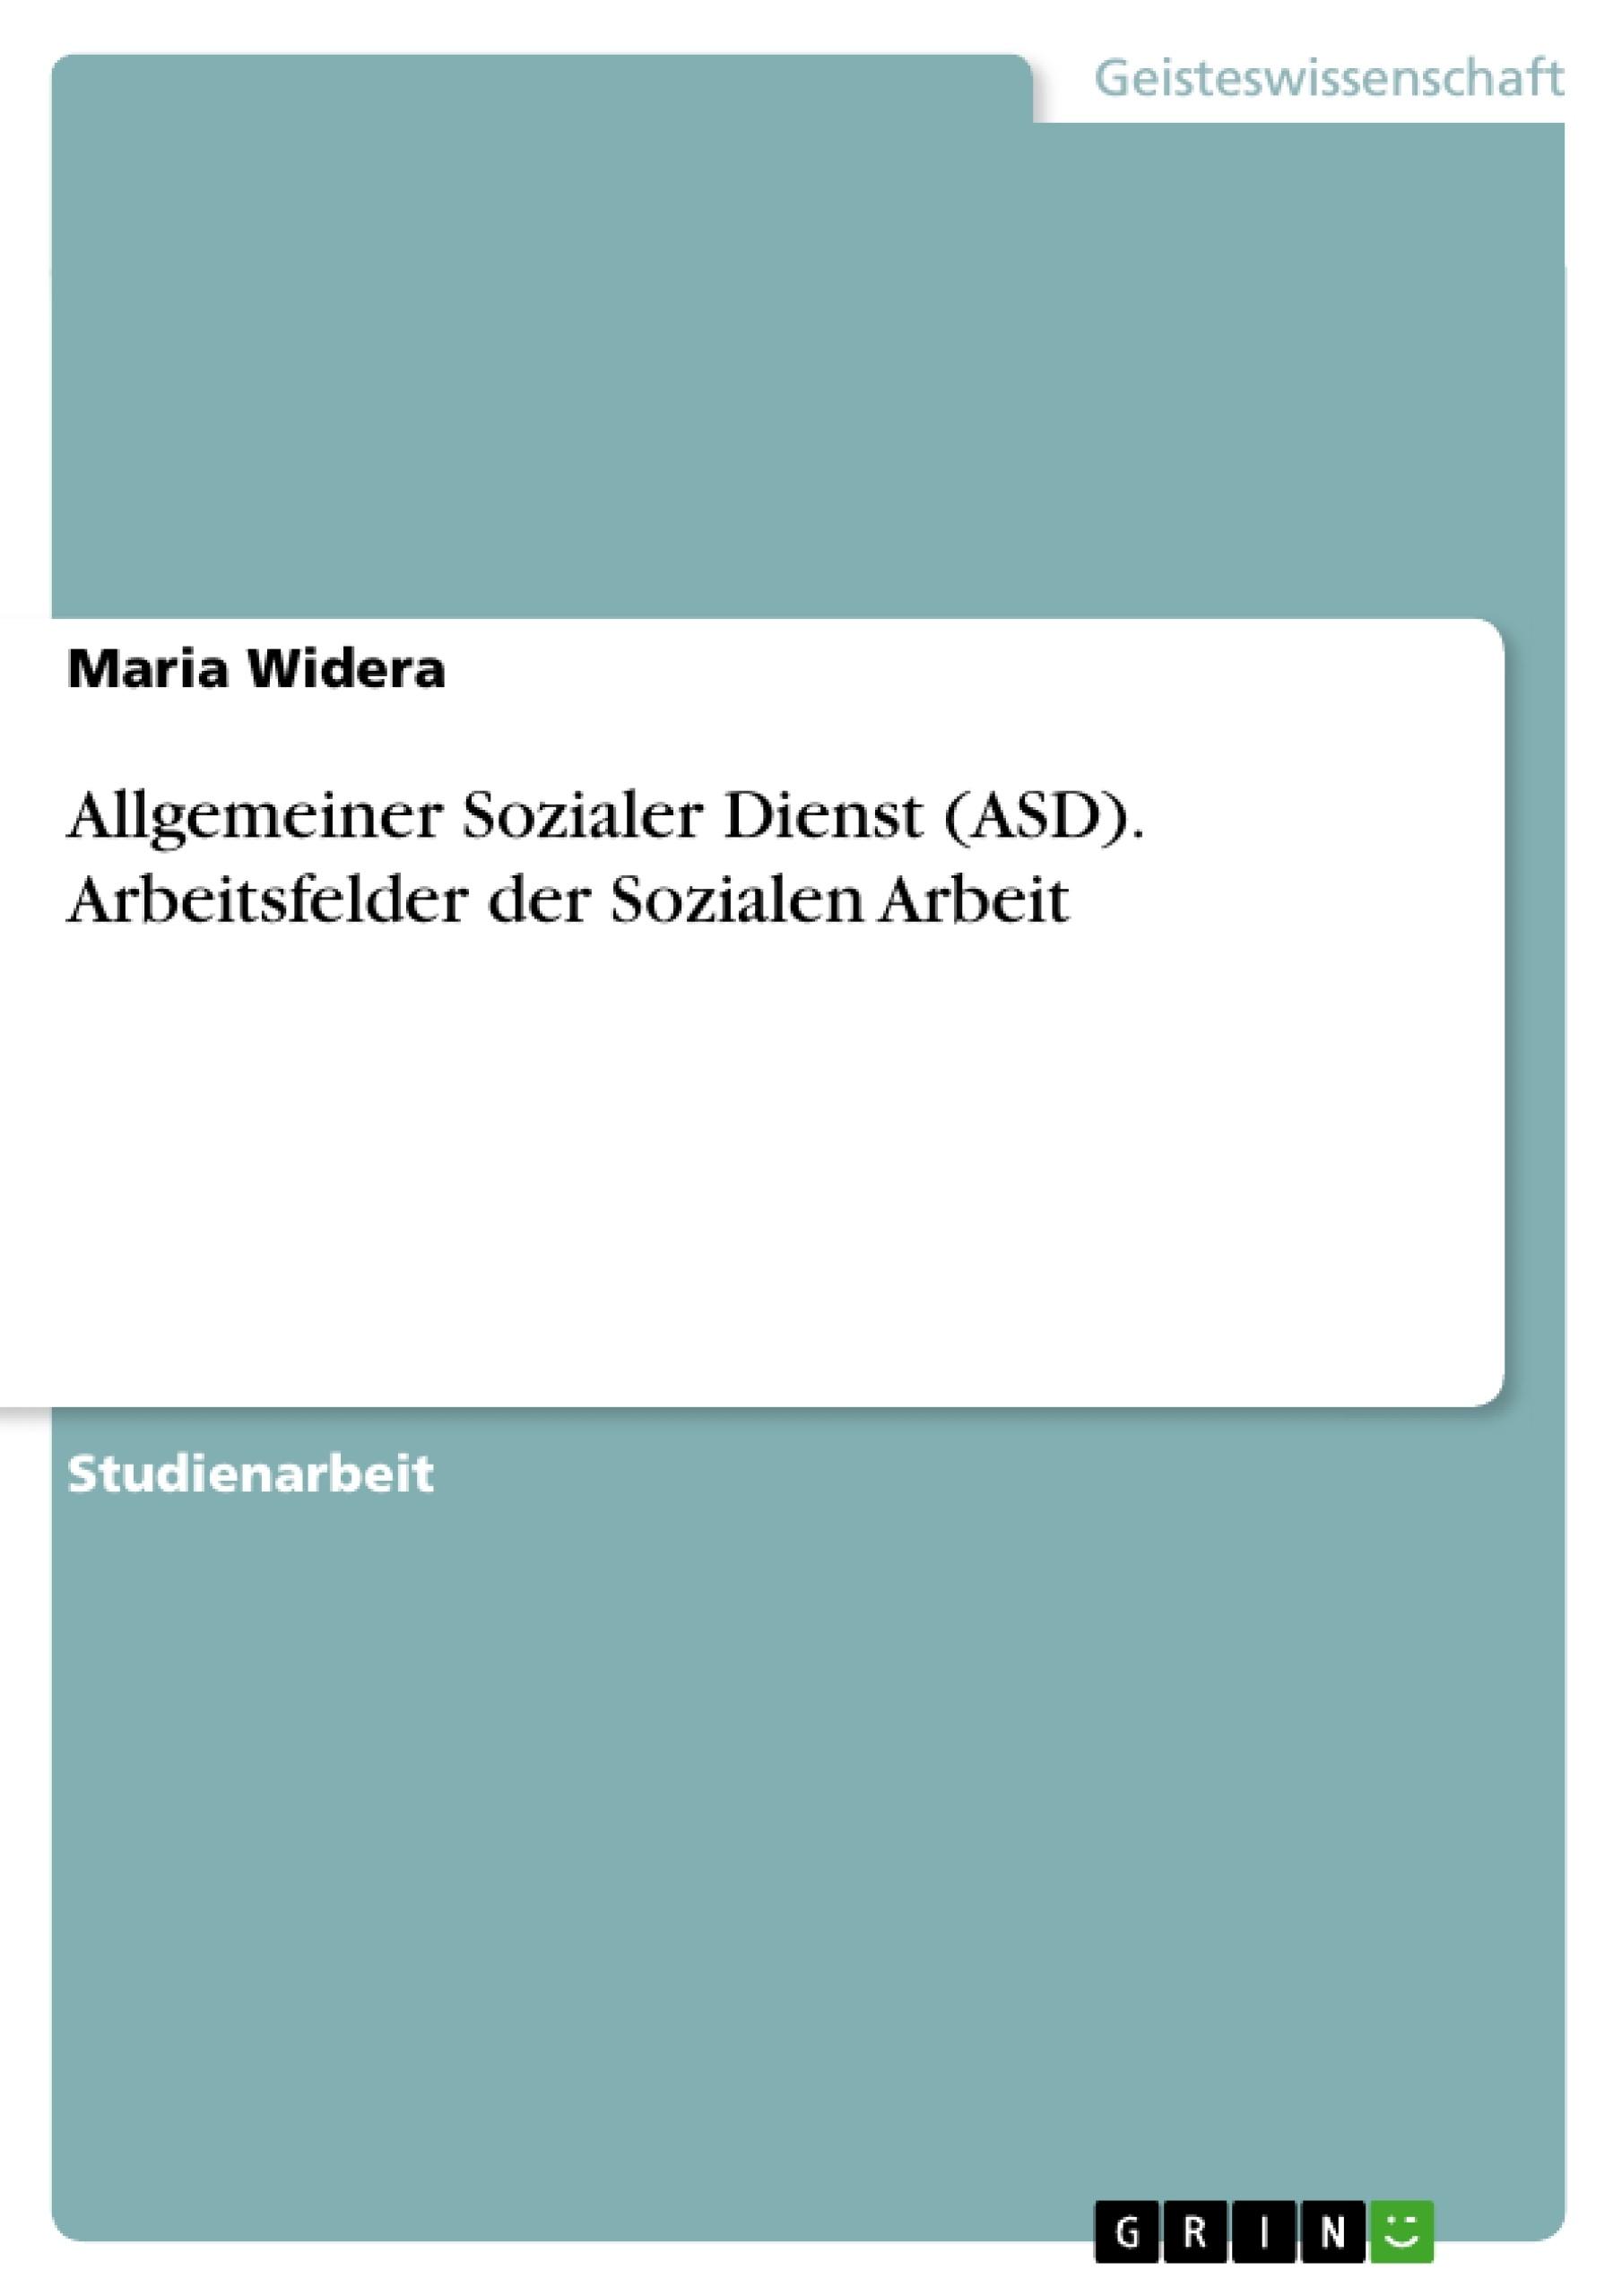 Titel: Allgemeiner Sozialer Dienst (ASD). Arbeitsfelder der Sozialen Arbeit